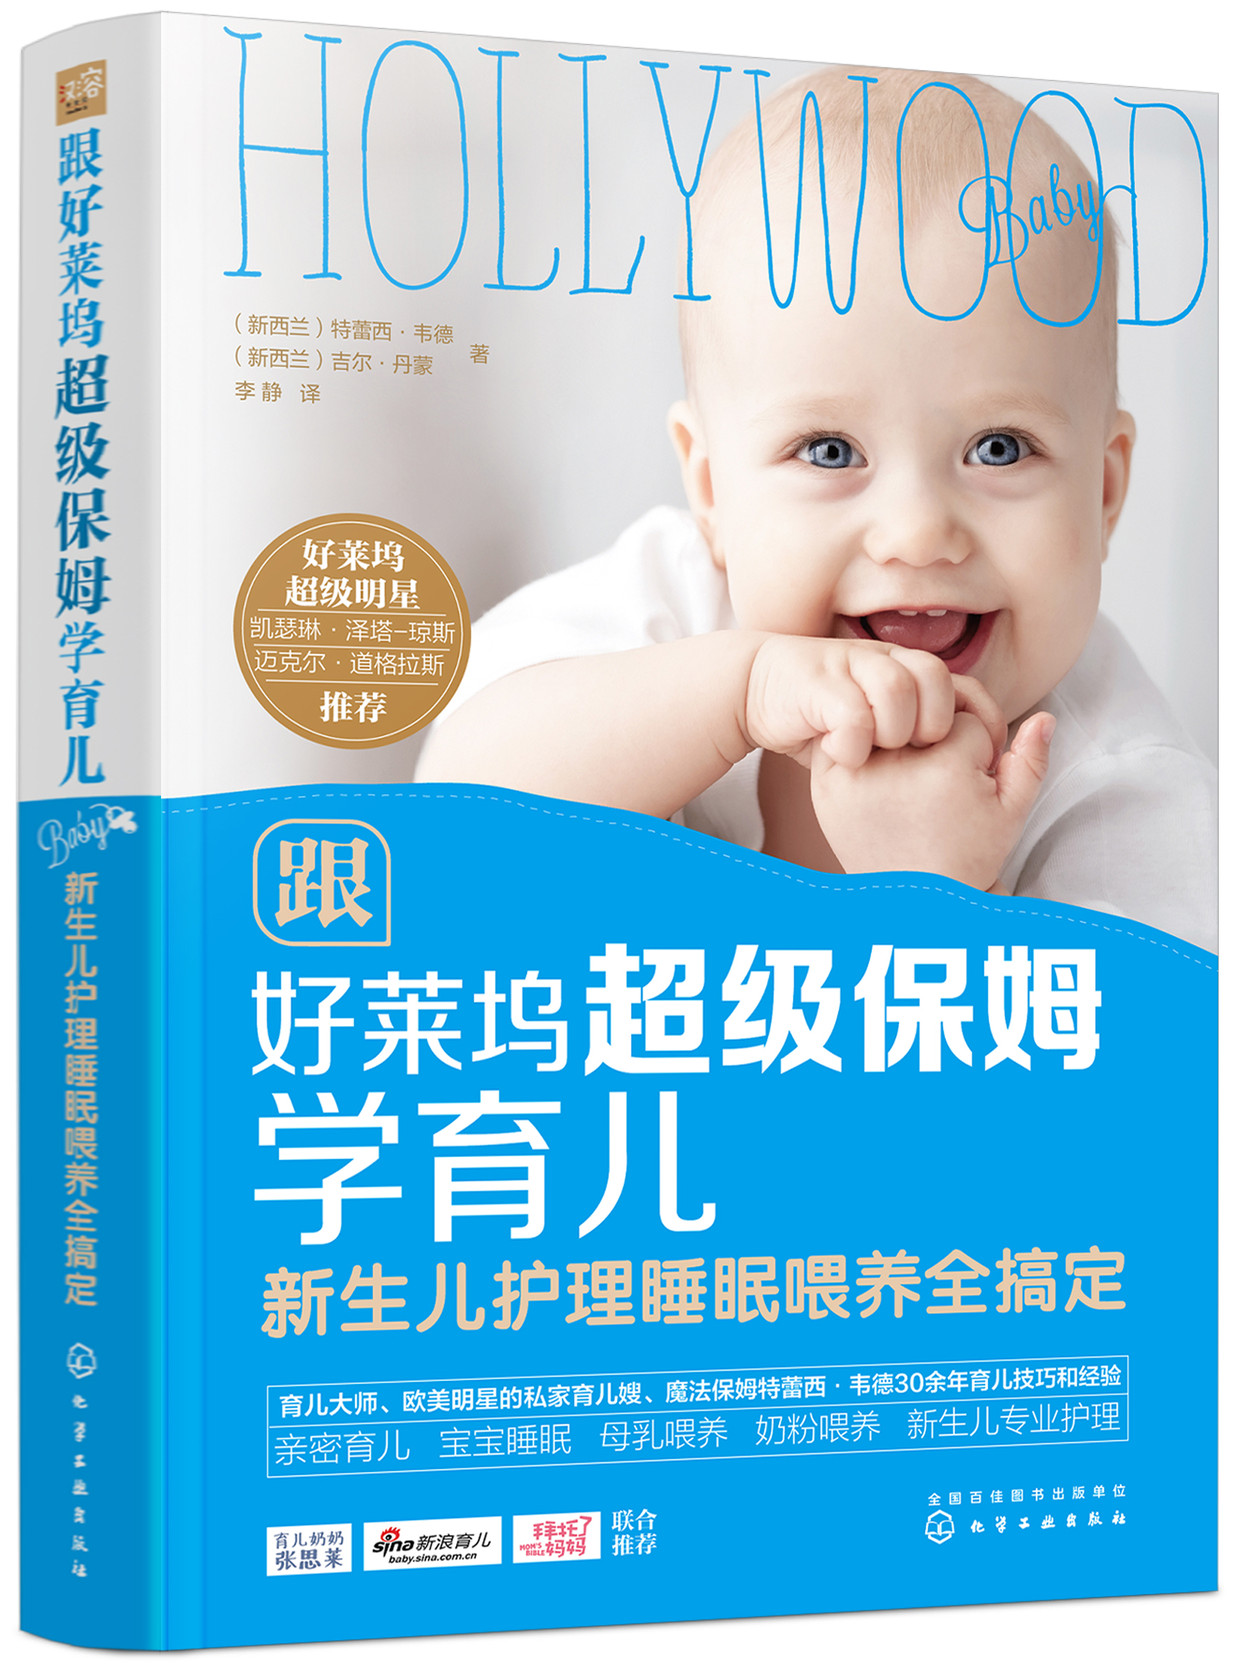 现货 跟好莱坞超级保姆学育儿 新生儿护理睡眠喂养全搞定0-3岁护理百科 婴儿养育书籍 宝宝喂养睡眠书籍辅食书籍产后护理儿科